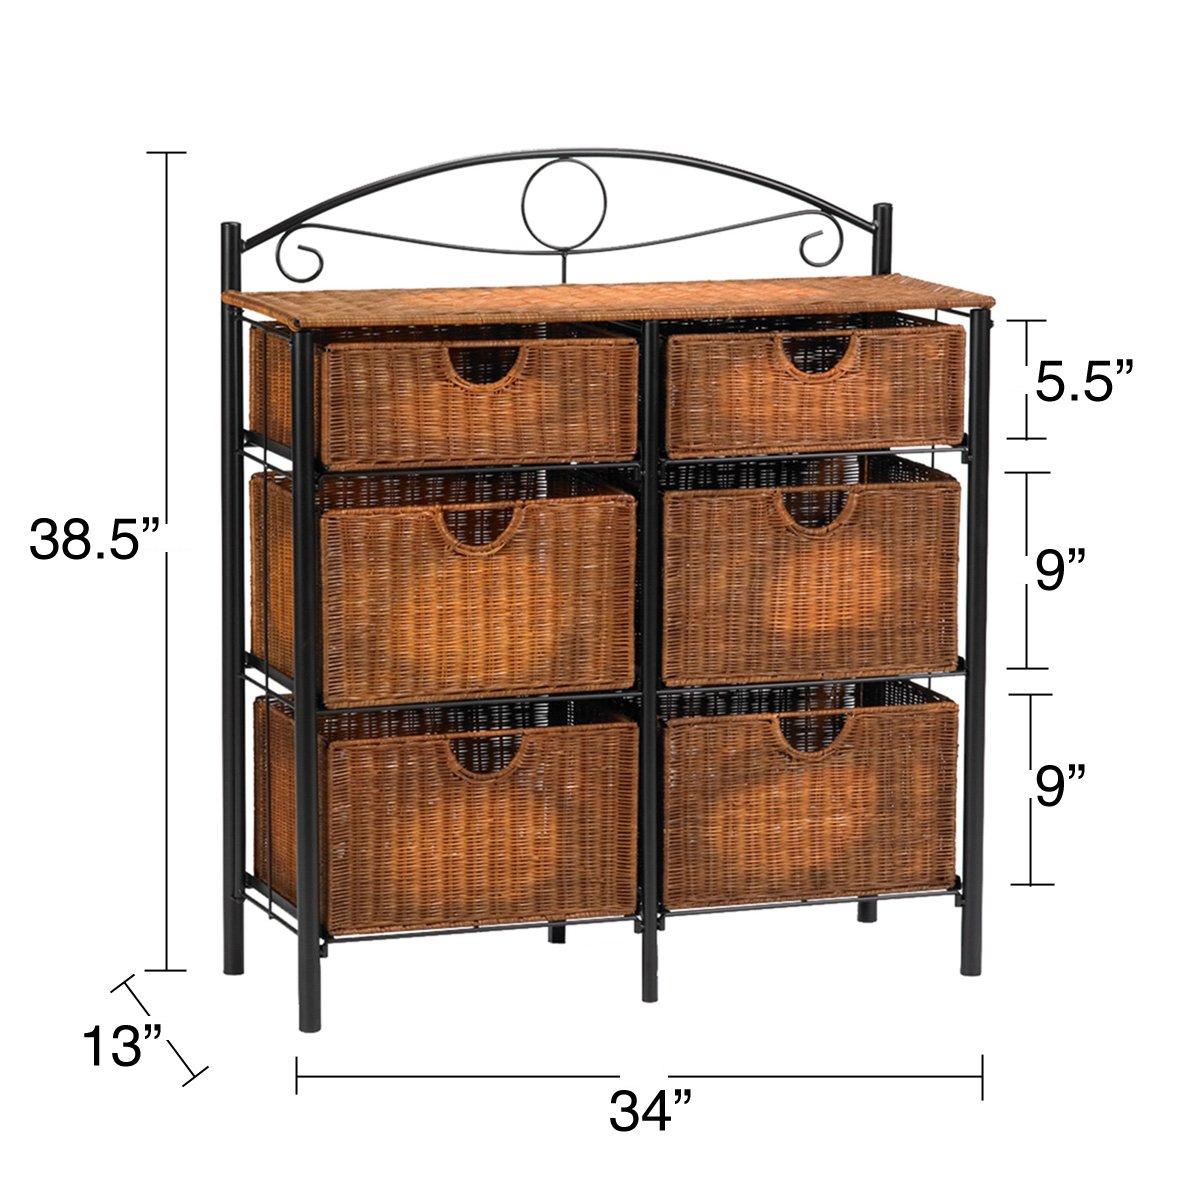 Harper Blvd Wicker 6-drawer Storage Chest